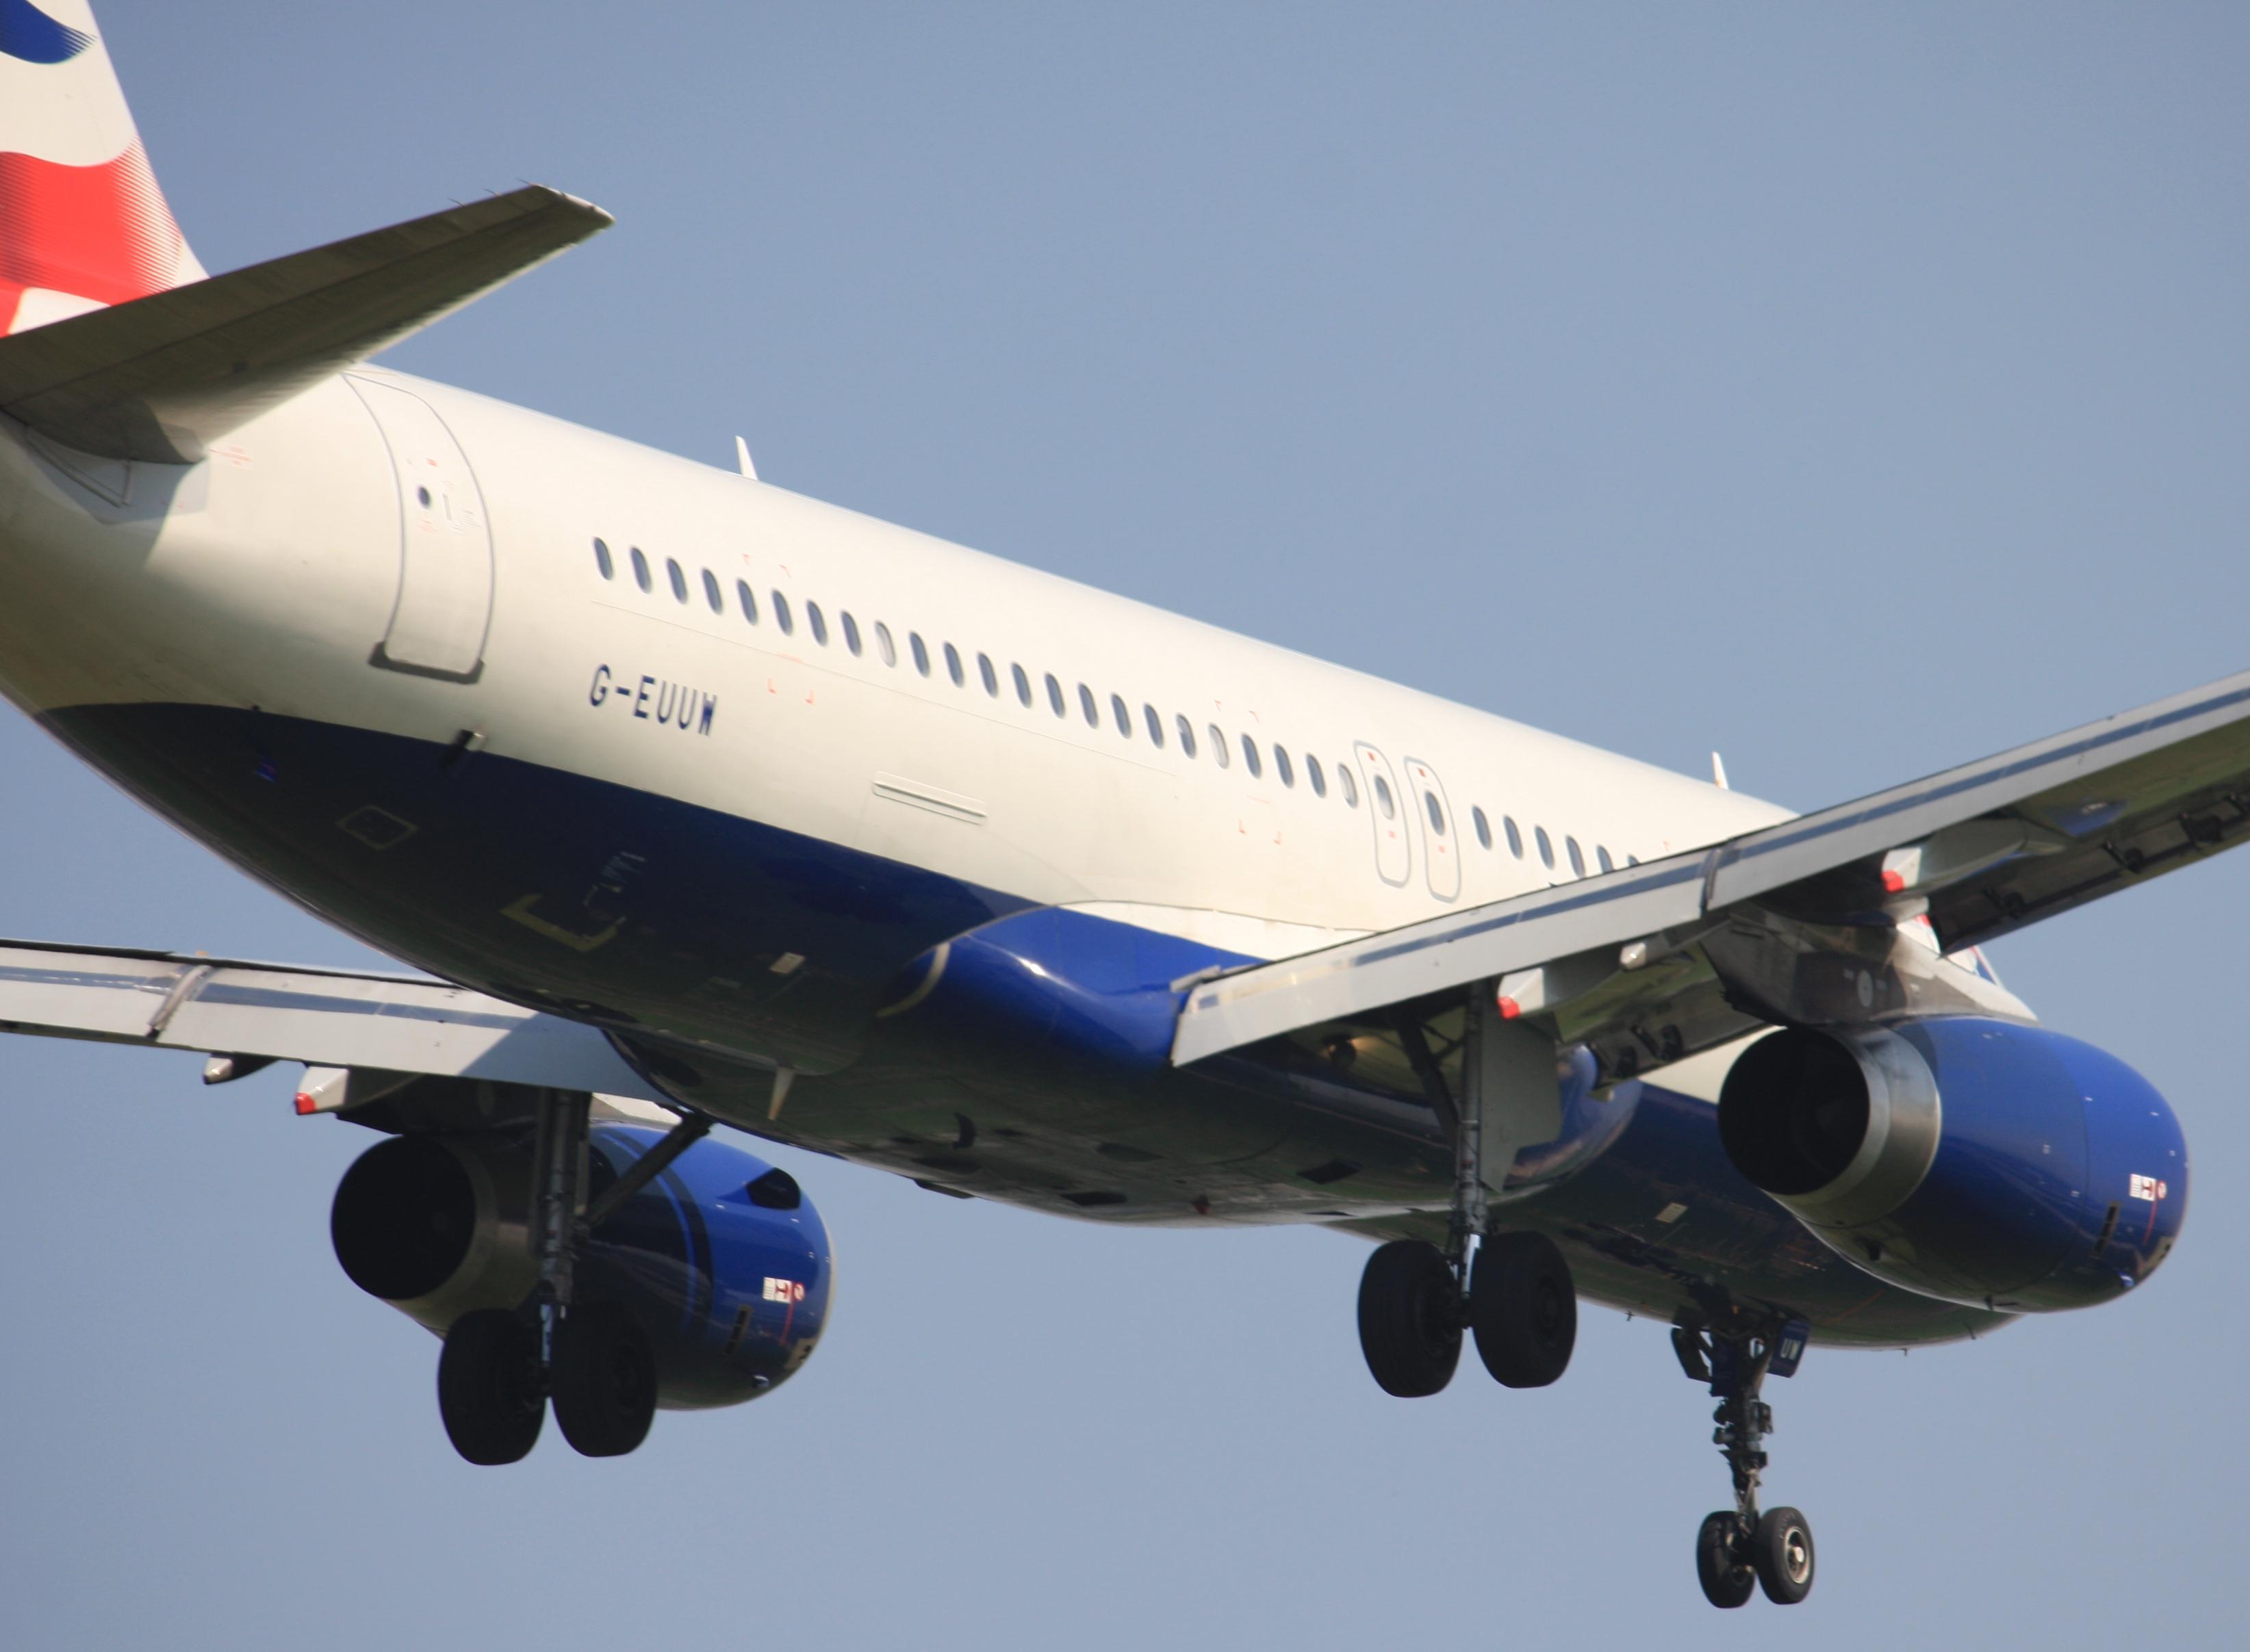 File:Airbus A320-232 G-EUUW (cn 3499) British Airways.